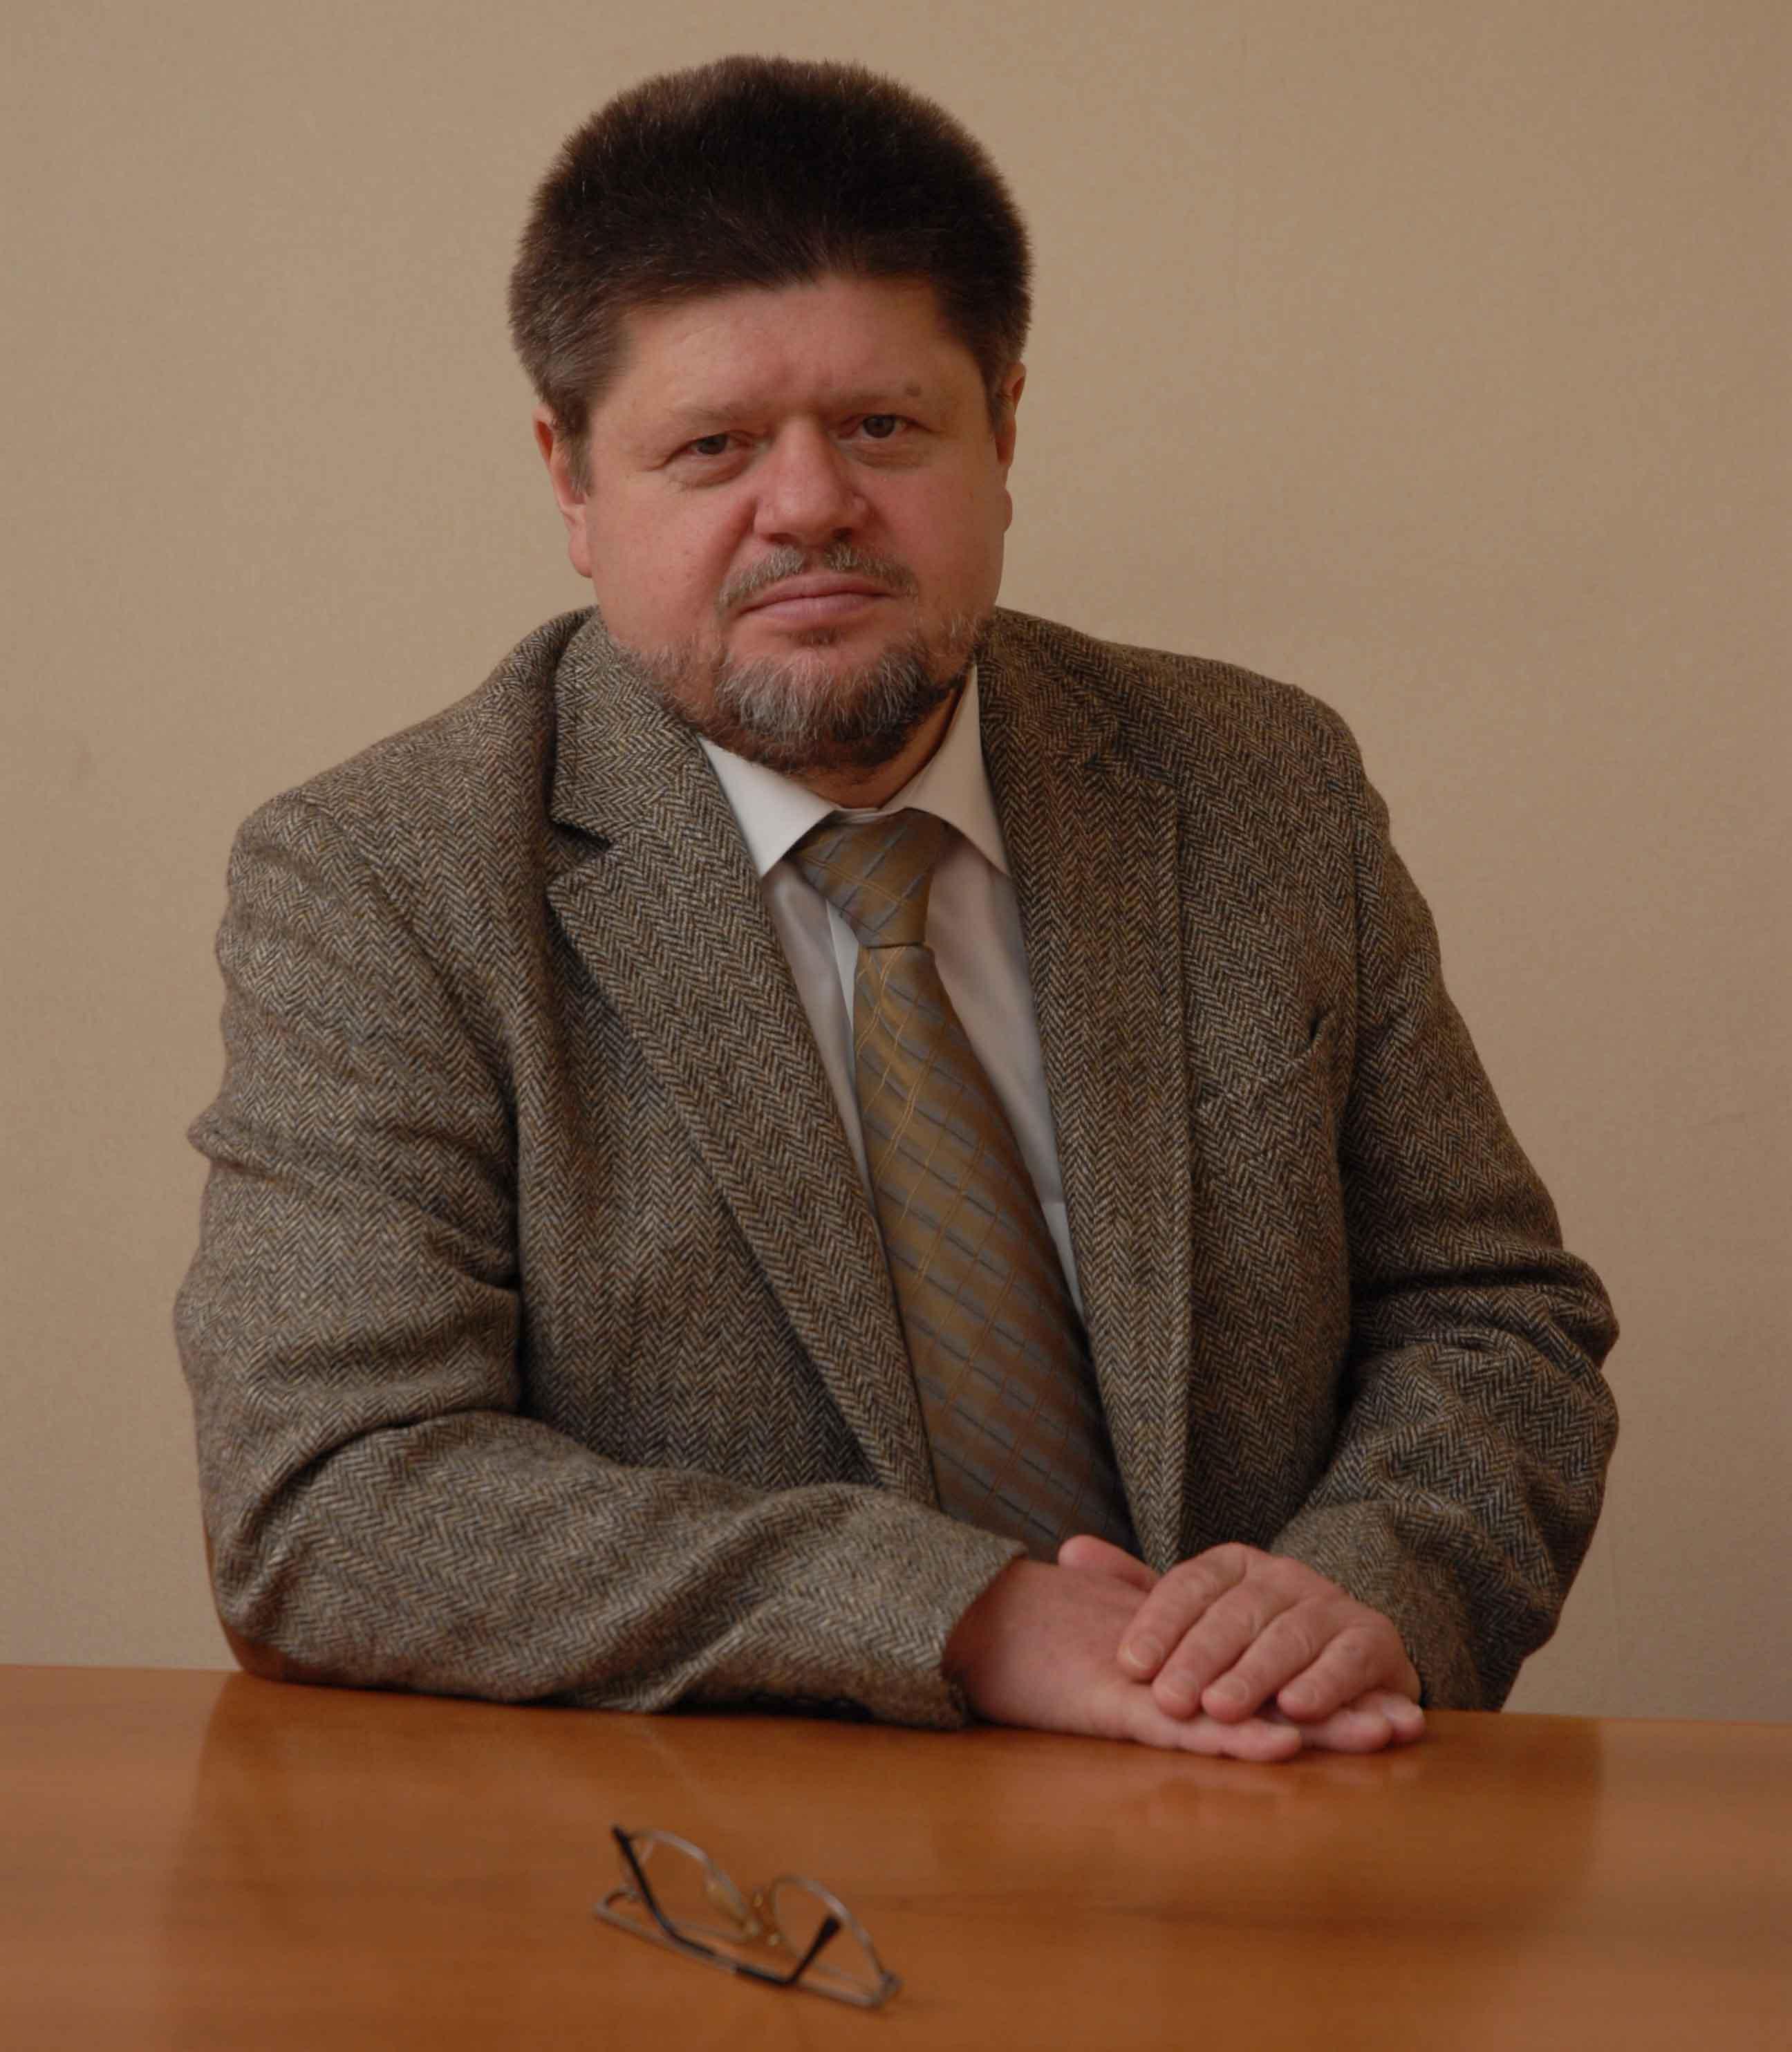 Брюн Евгений Алексеевич, директор Московского научно-практического центра наркологии Департамента здравоохранения города Москвы, Доктор медицинских наук, профессор, врач высшей квалификационной категории, главный нарколог города Москвы, главный нарколог Минздрава РФ, член Общественной палаты РФ